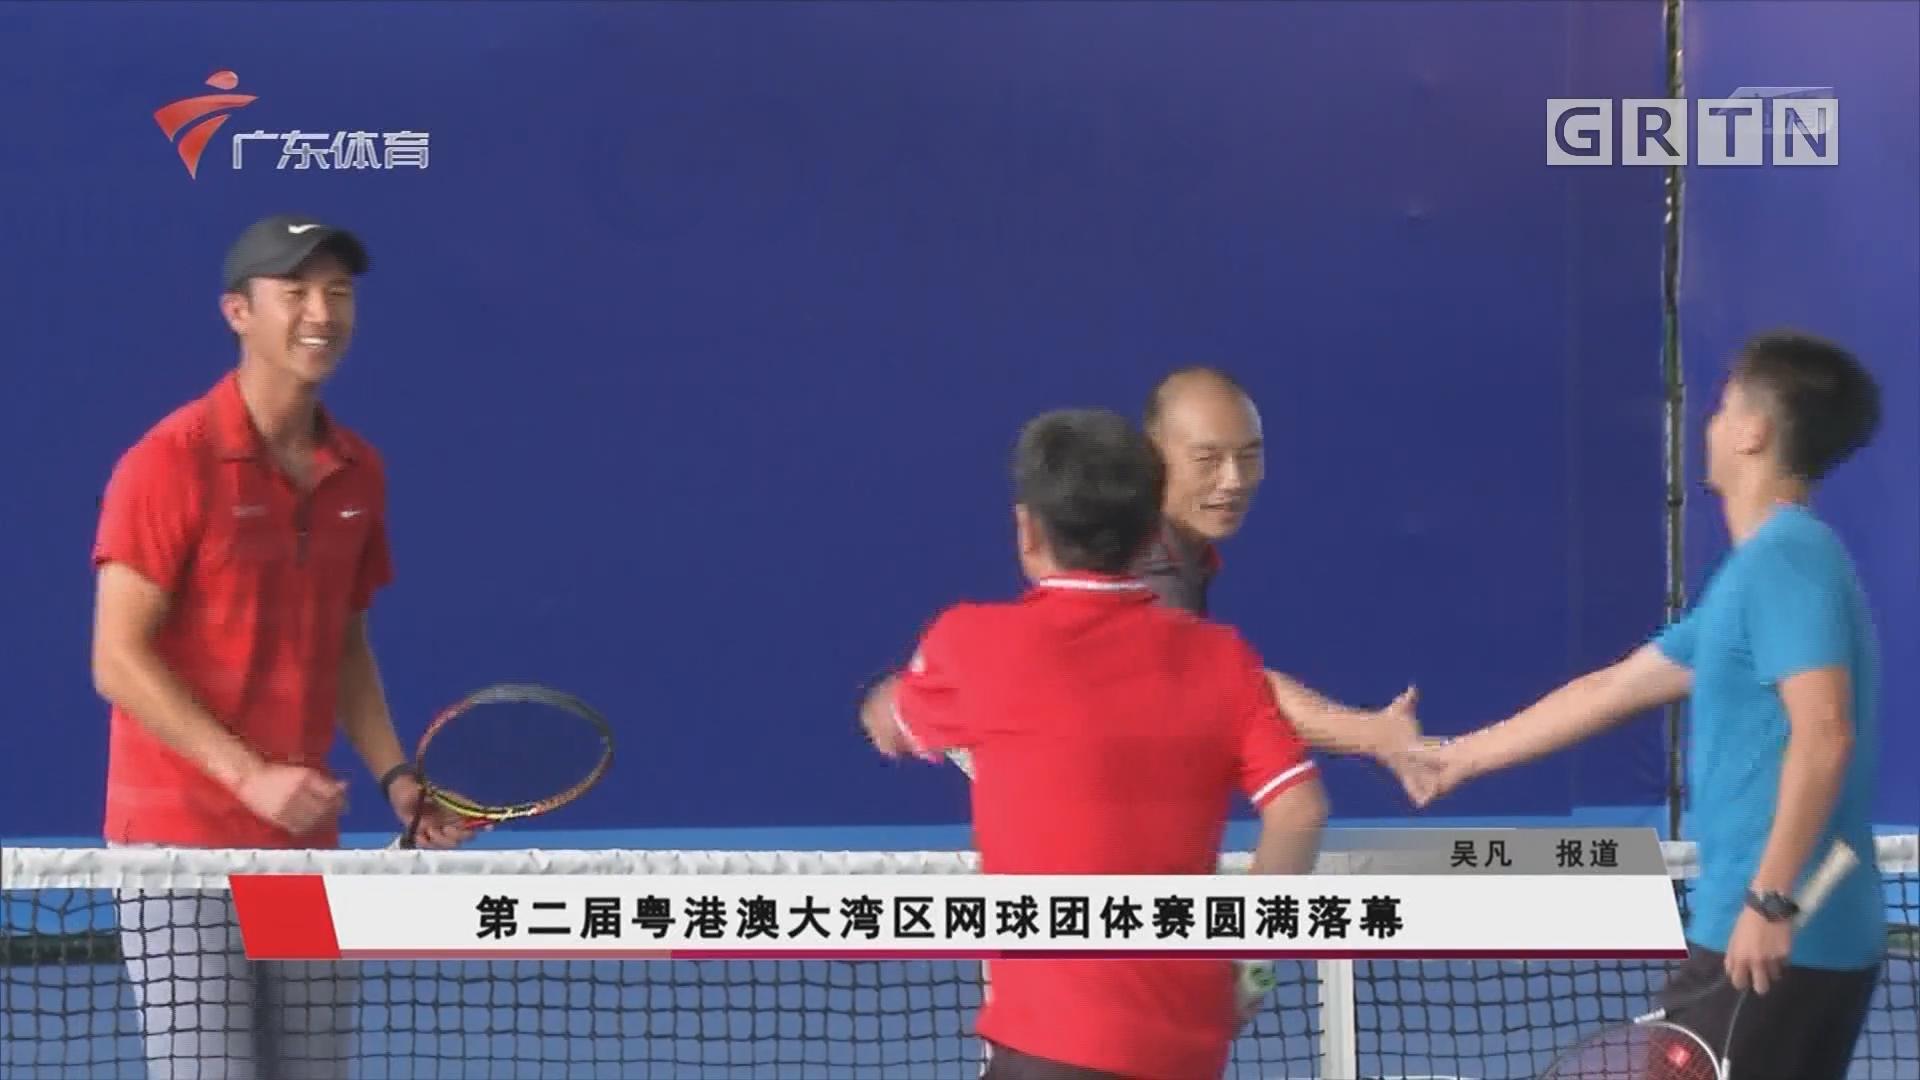 第二届粤港澳大湾区网球团体赛圆满落幕